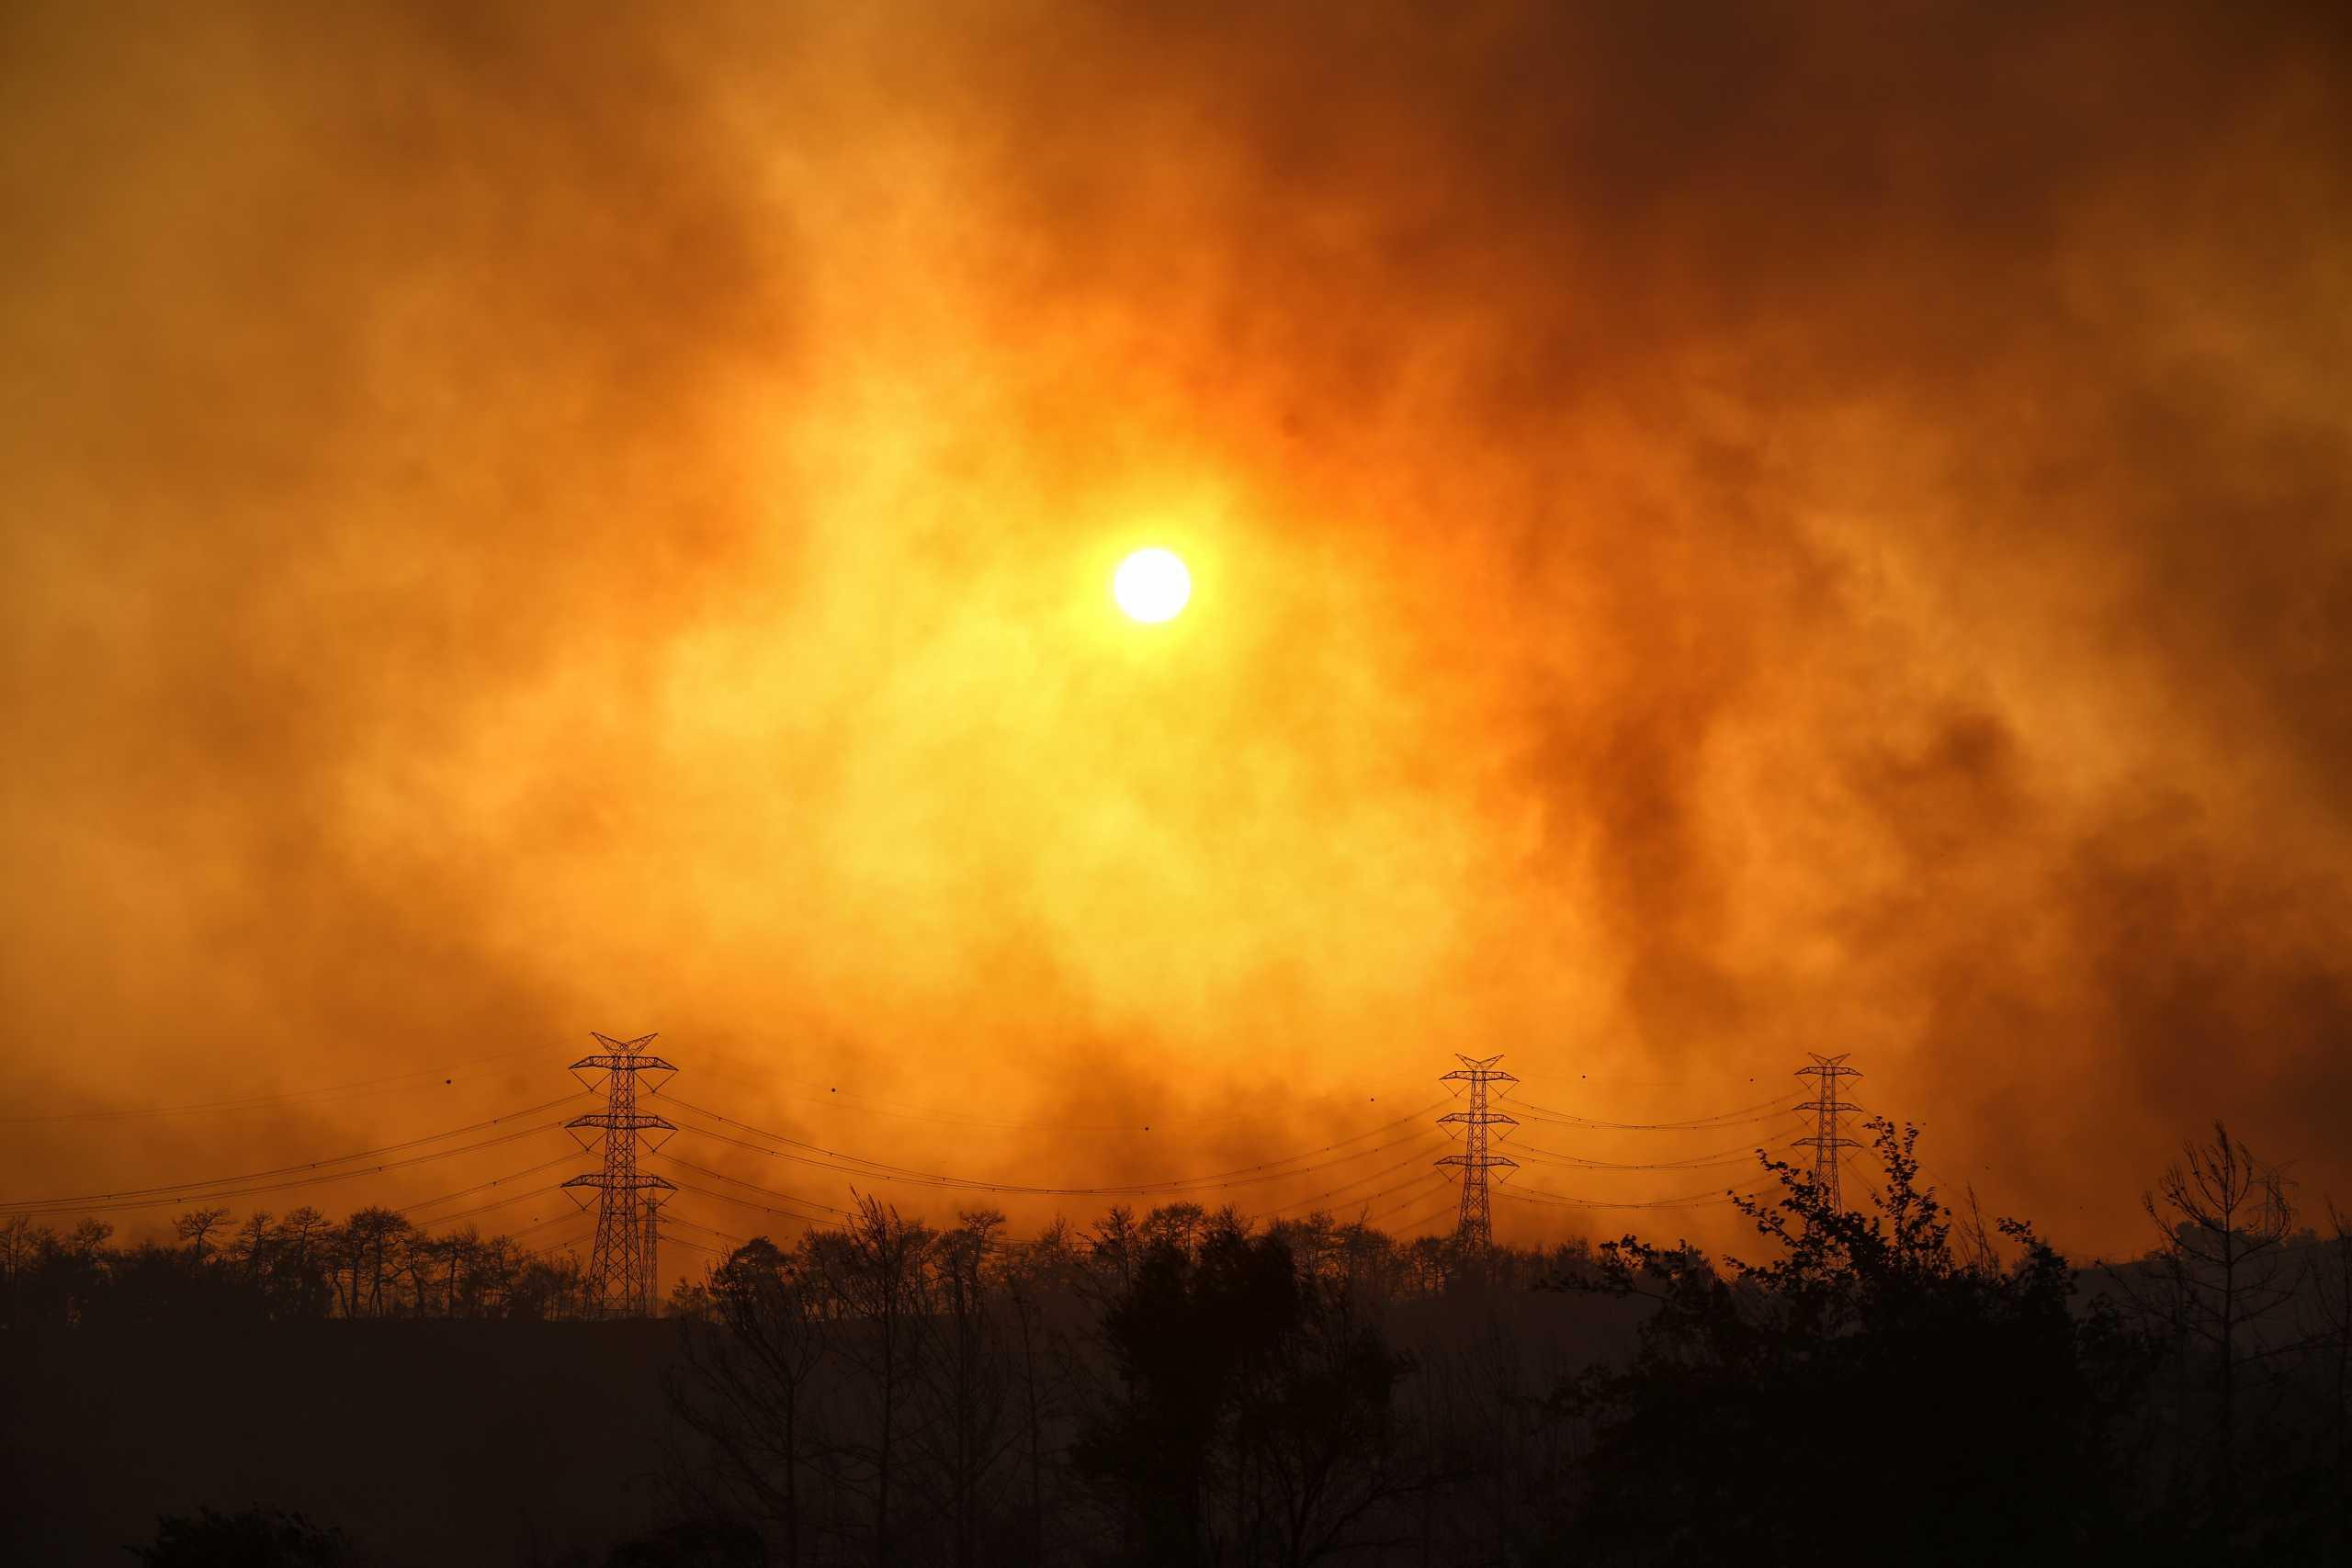 Τουρκία: Συνεχίζουν να καταστρέφουν τα πάντα οι φωτιές – 4 νεκροί, αφανίστηκαν περιουσίες